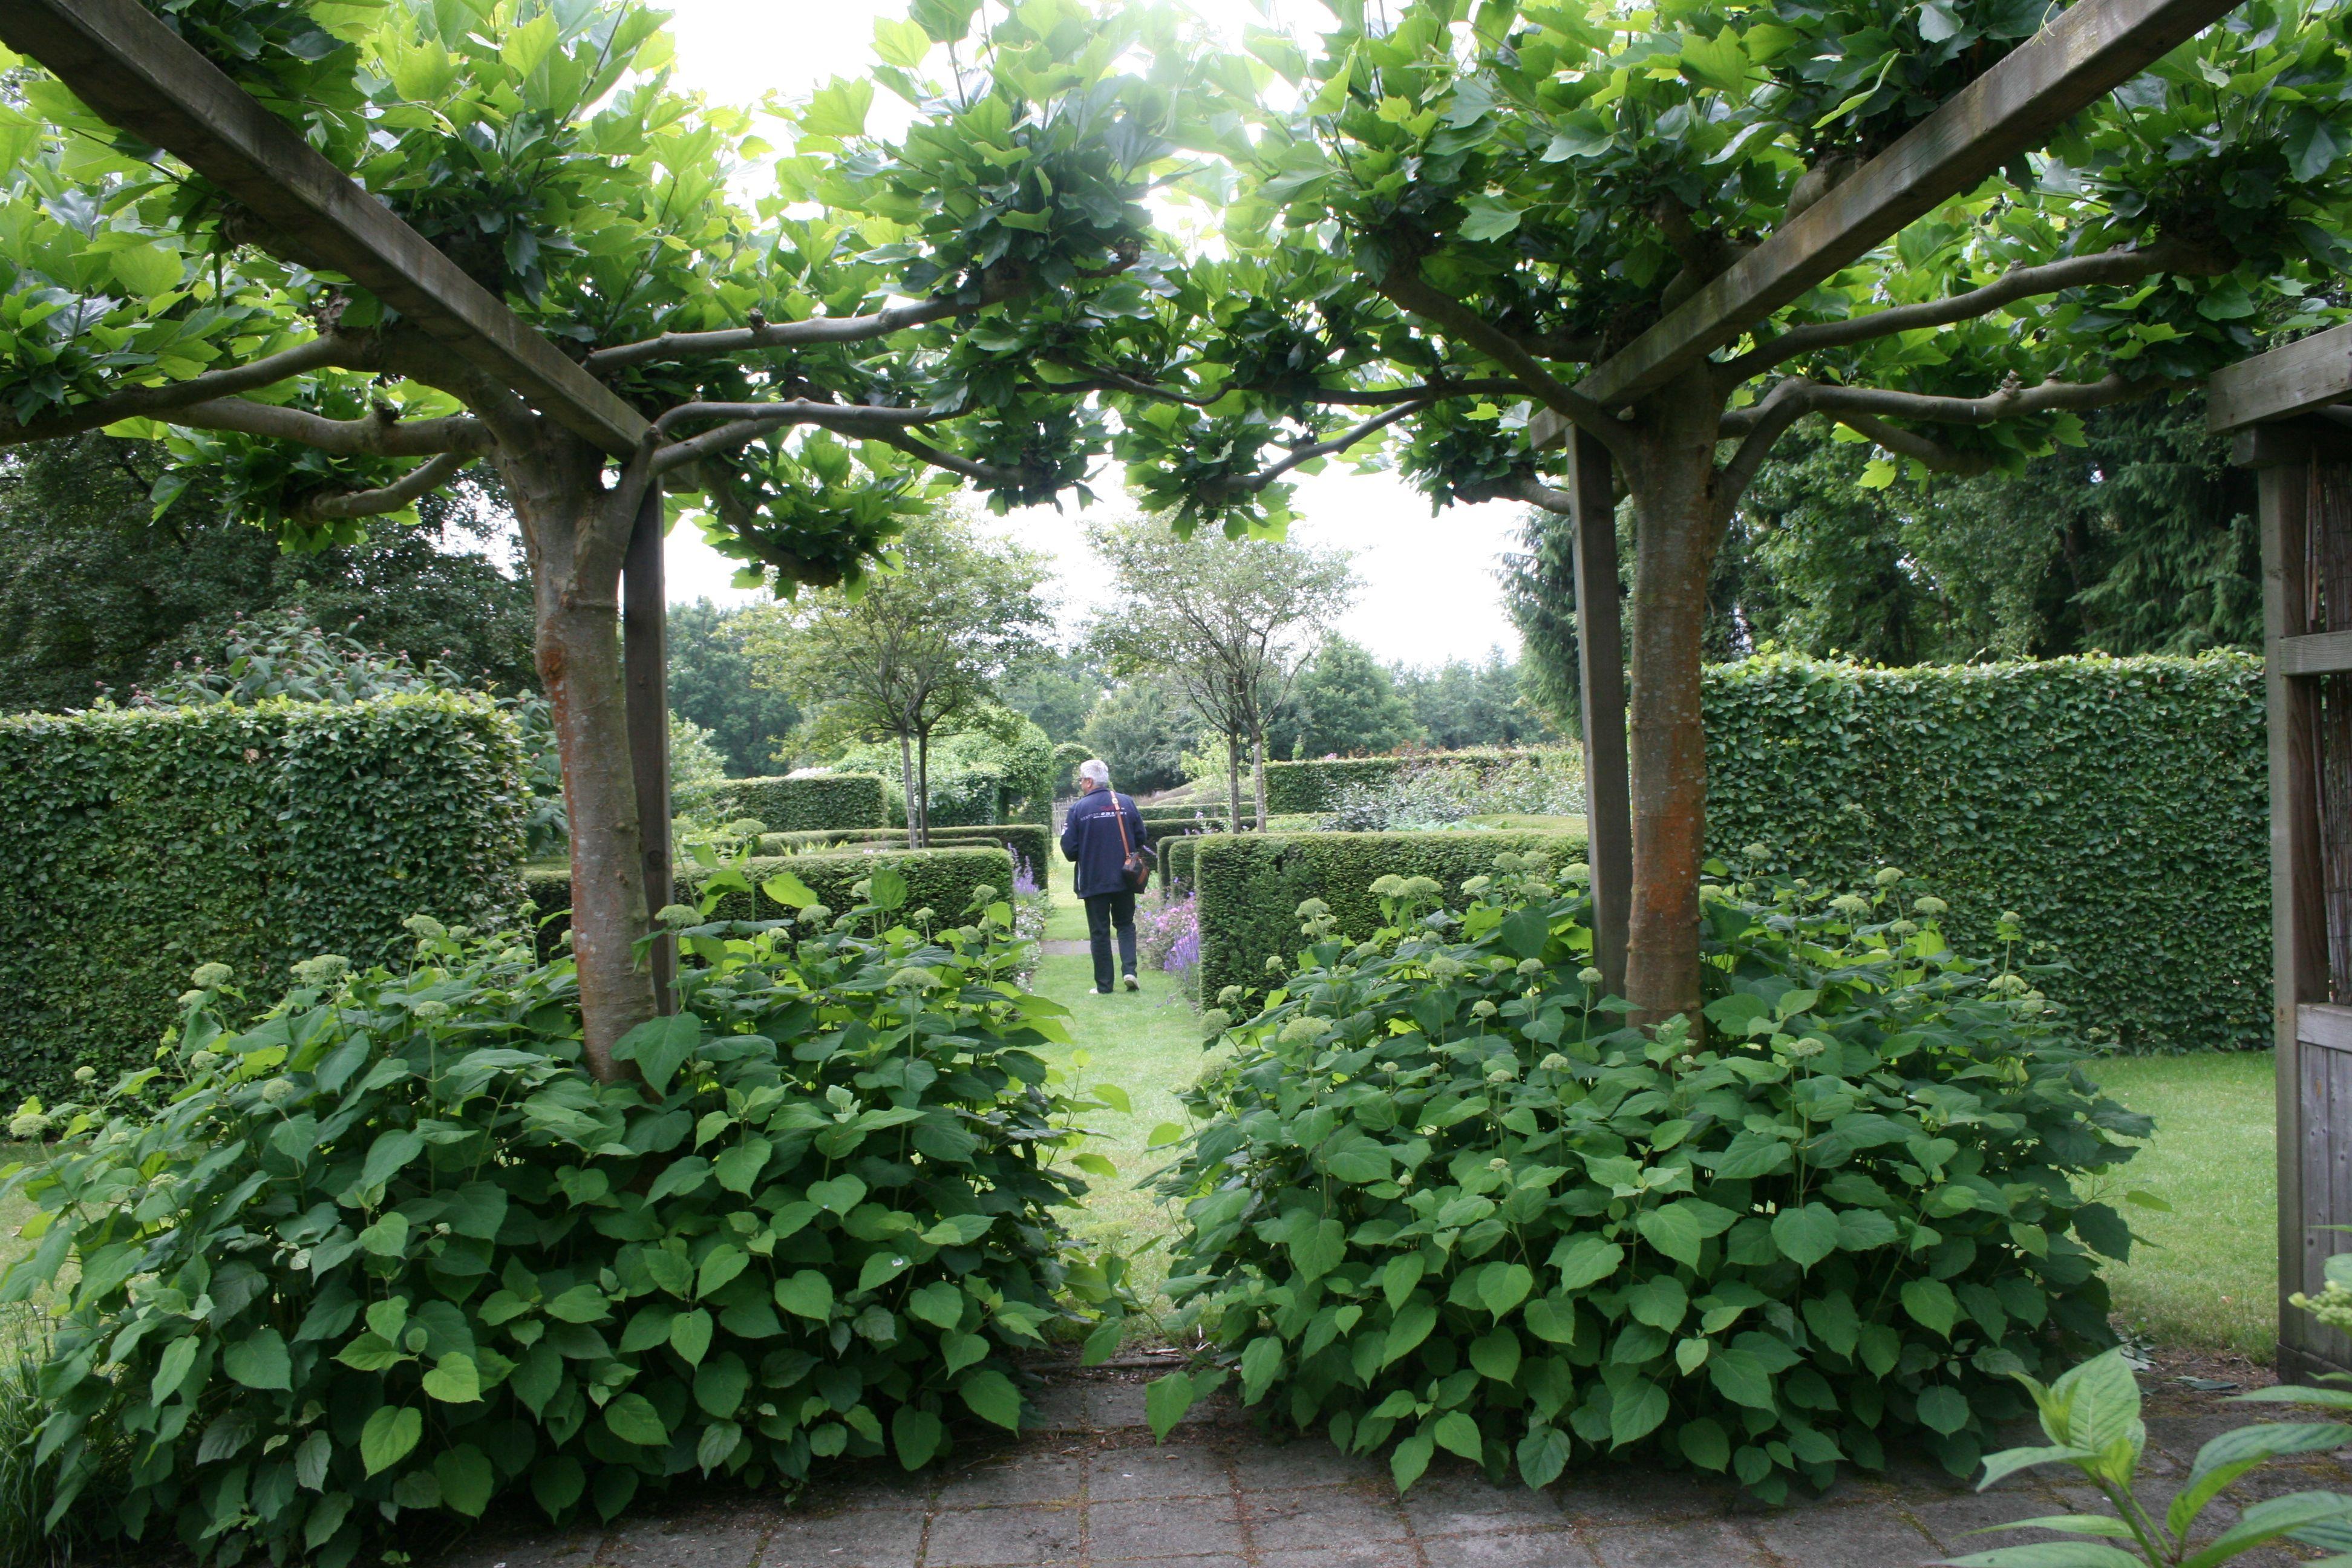 Hortensien Dachplatanen Gartenreise Holland Belgien Garten Pflanzen Garten Gartengestaltung